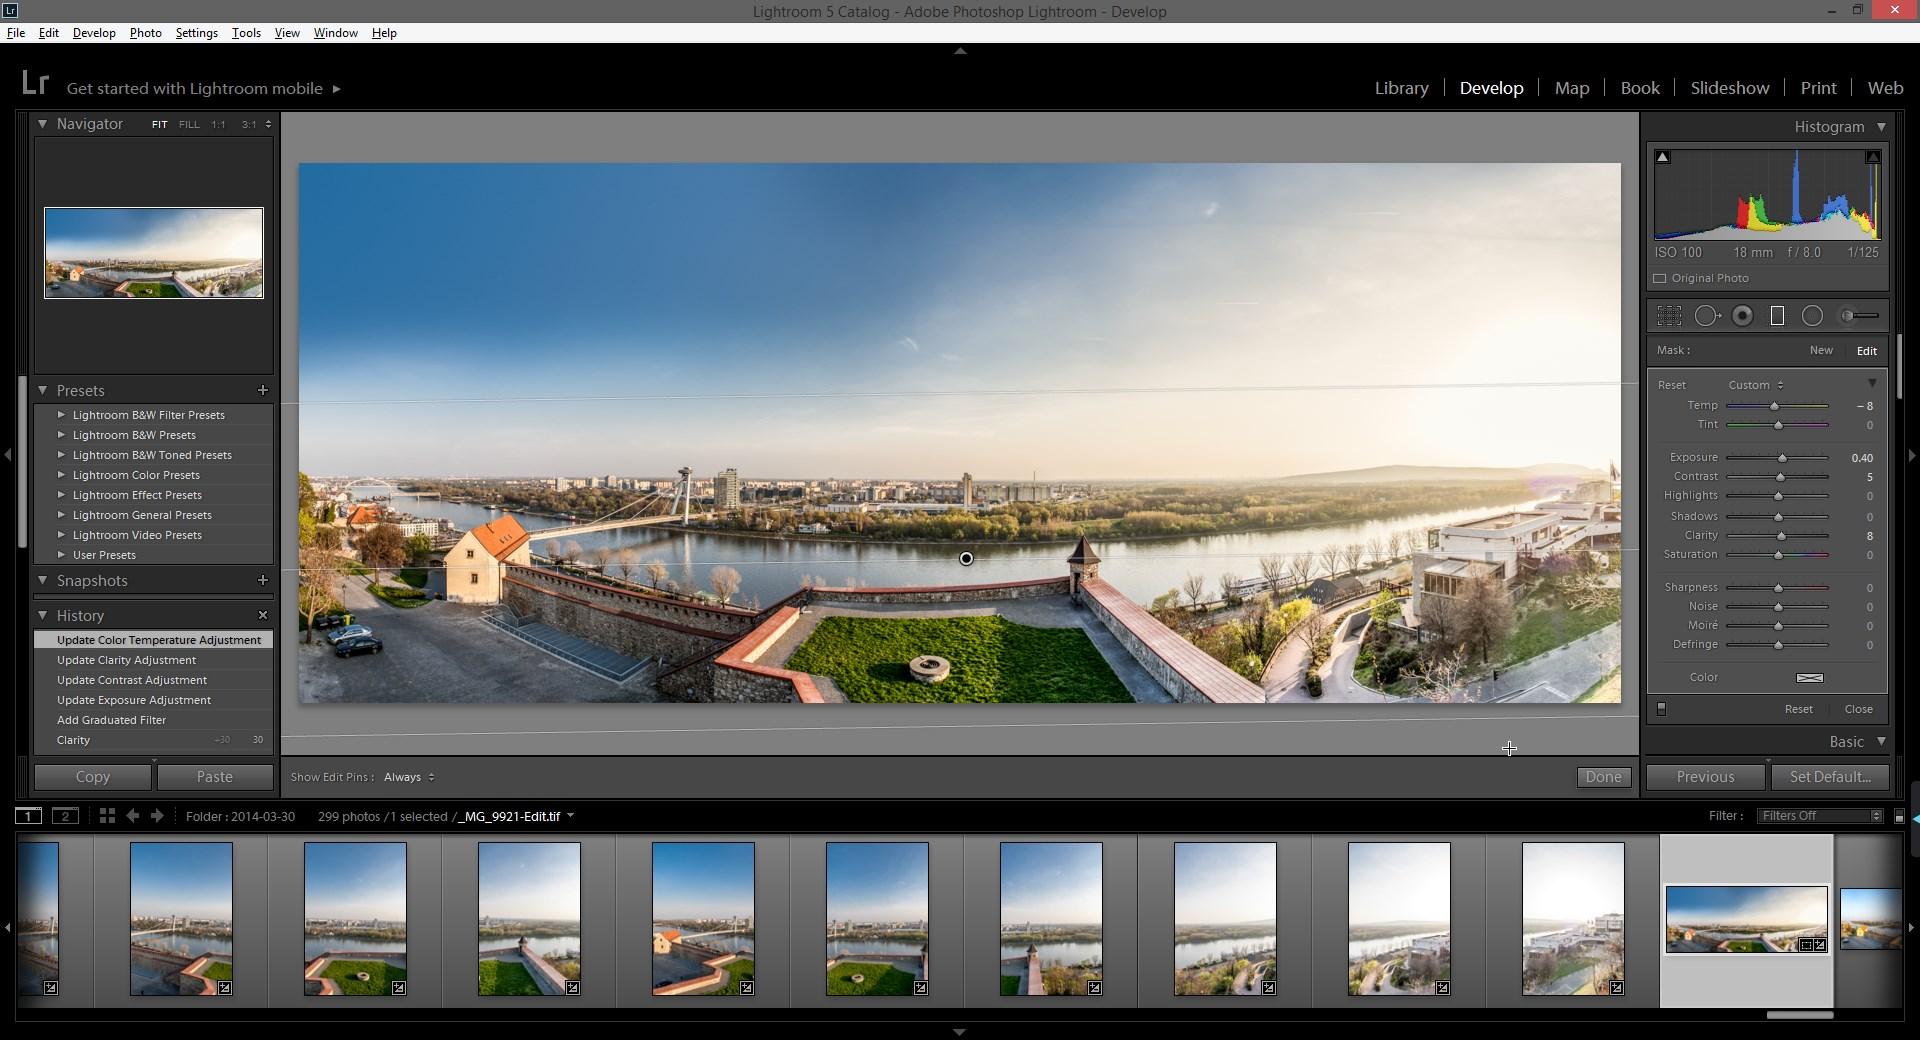 Lightroom_5_Catalog_-_Adobe_Photoshop_Lightroom_-__2015-03-13_18-48-06